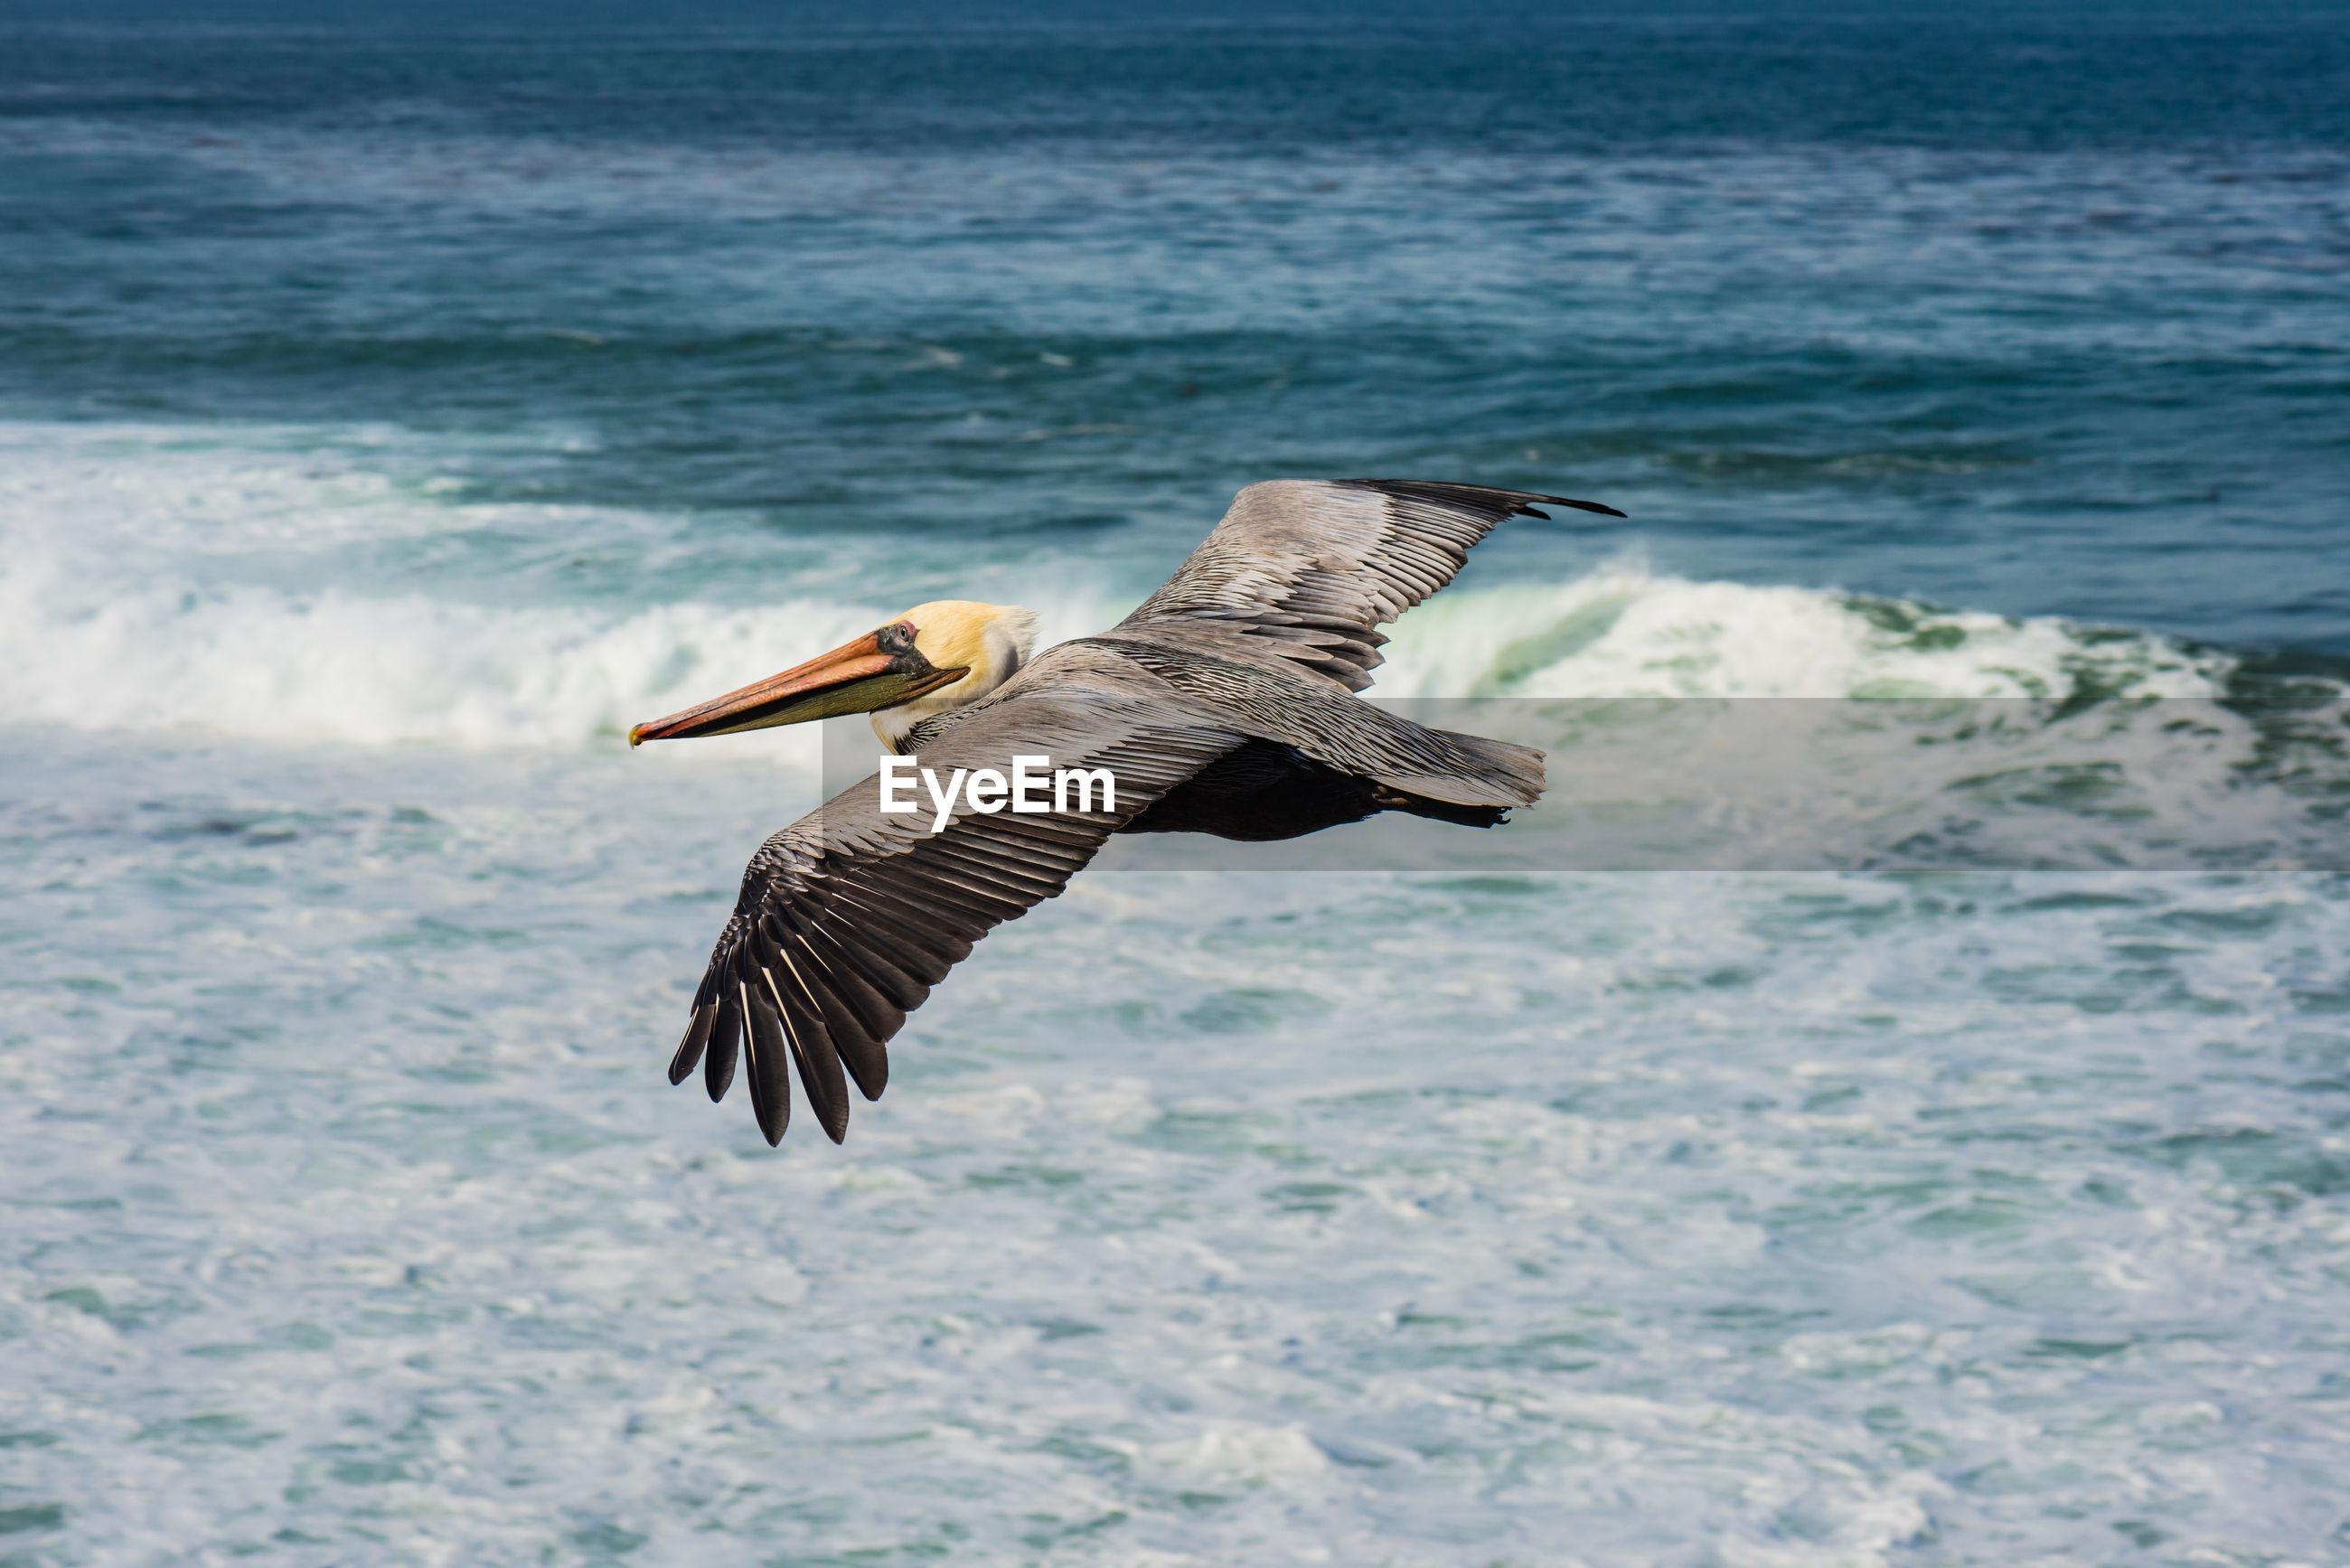 Pelican flying over sea